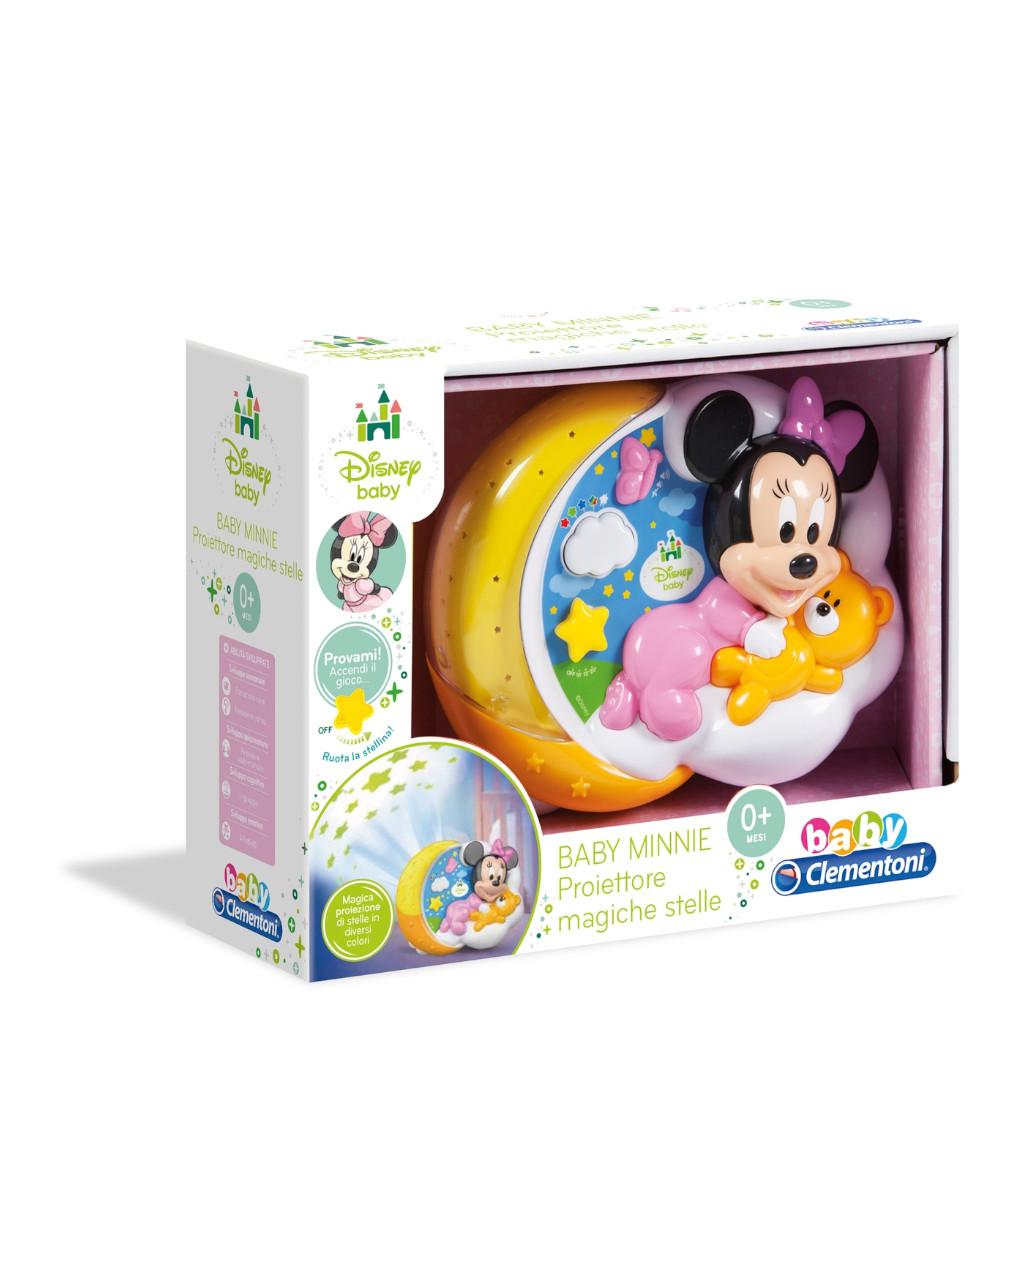 Disney baby - baby minnie proiettore magiche stelle - Clementoni